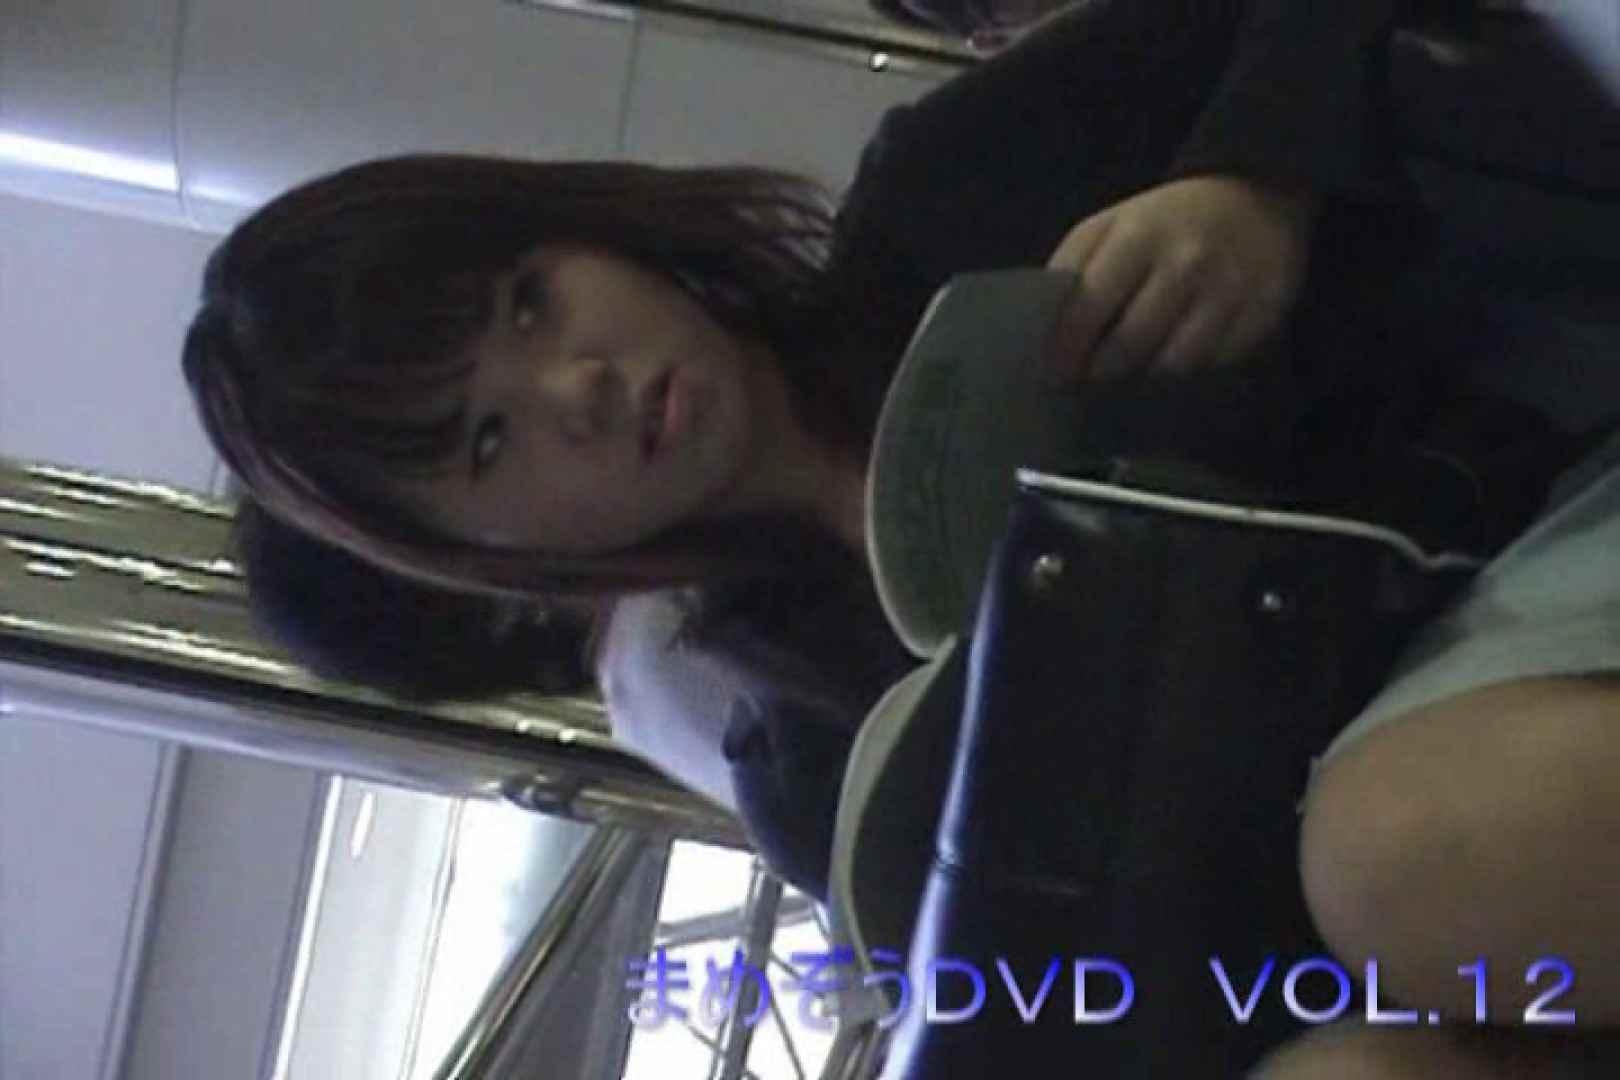 まめぞうDVD完全版VOL.12 OL   ギャル・コレクション  63連発 44